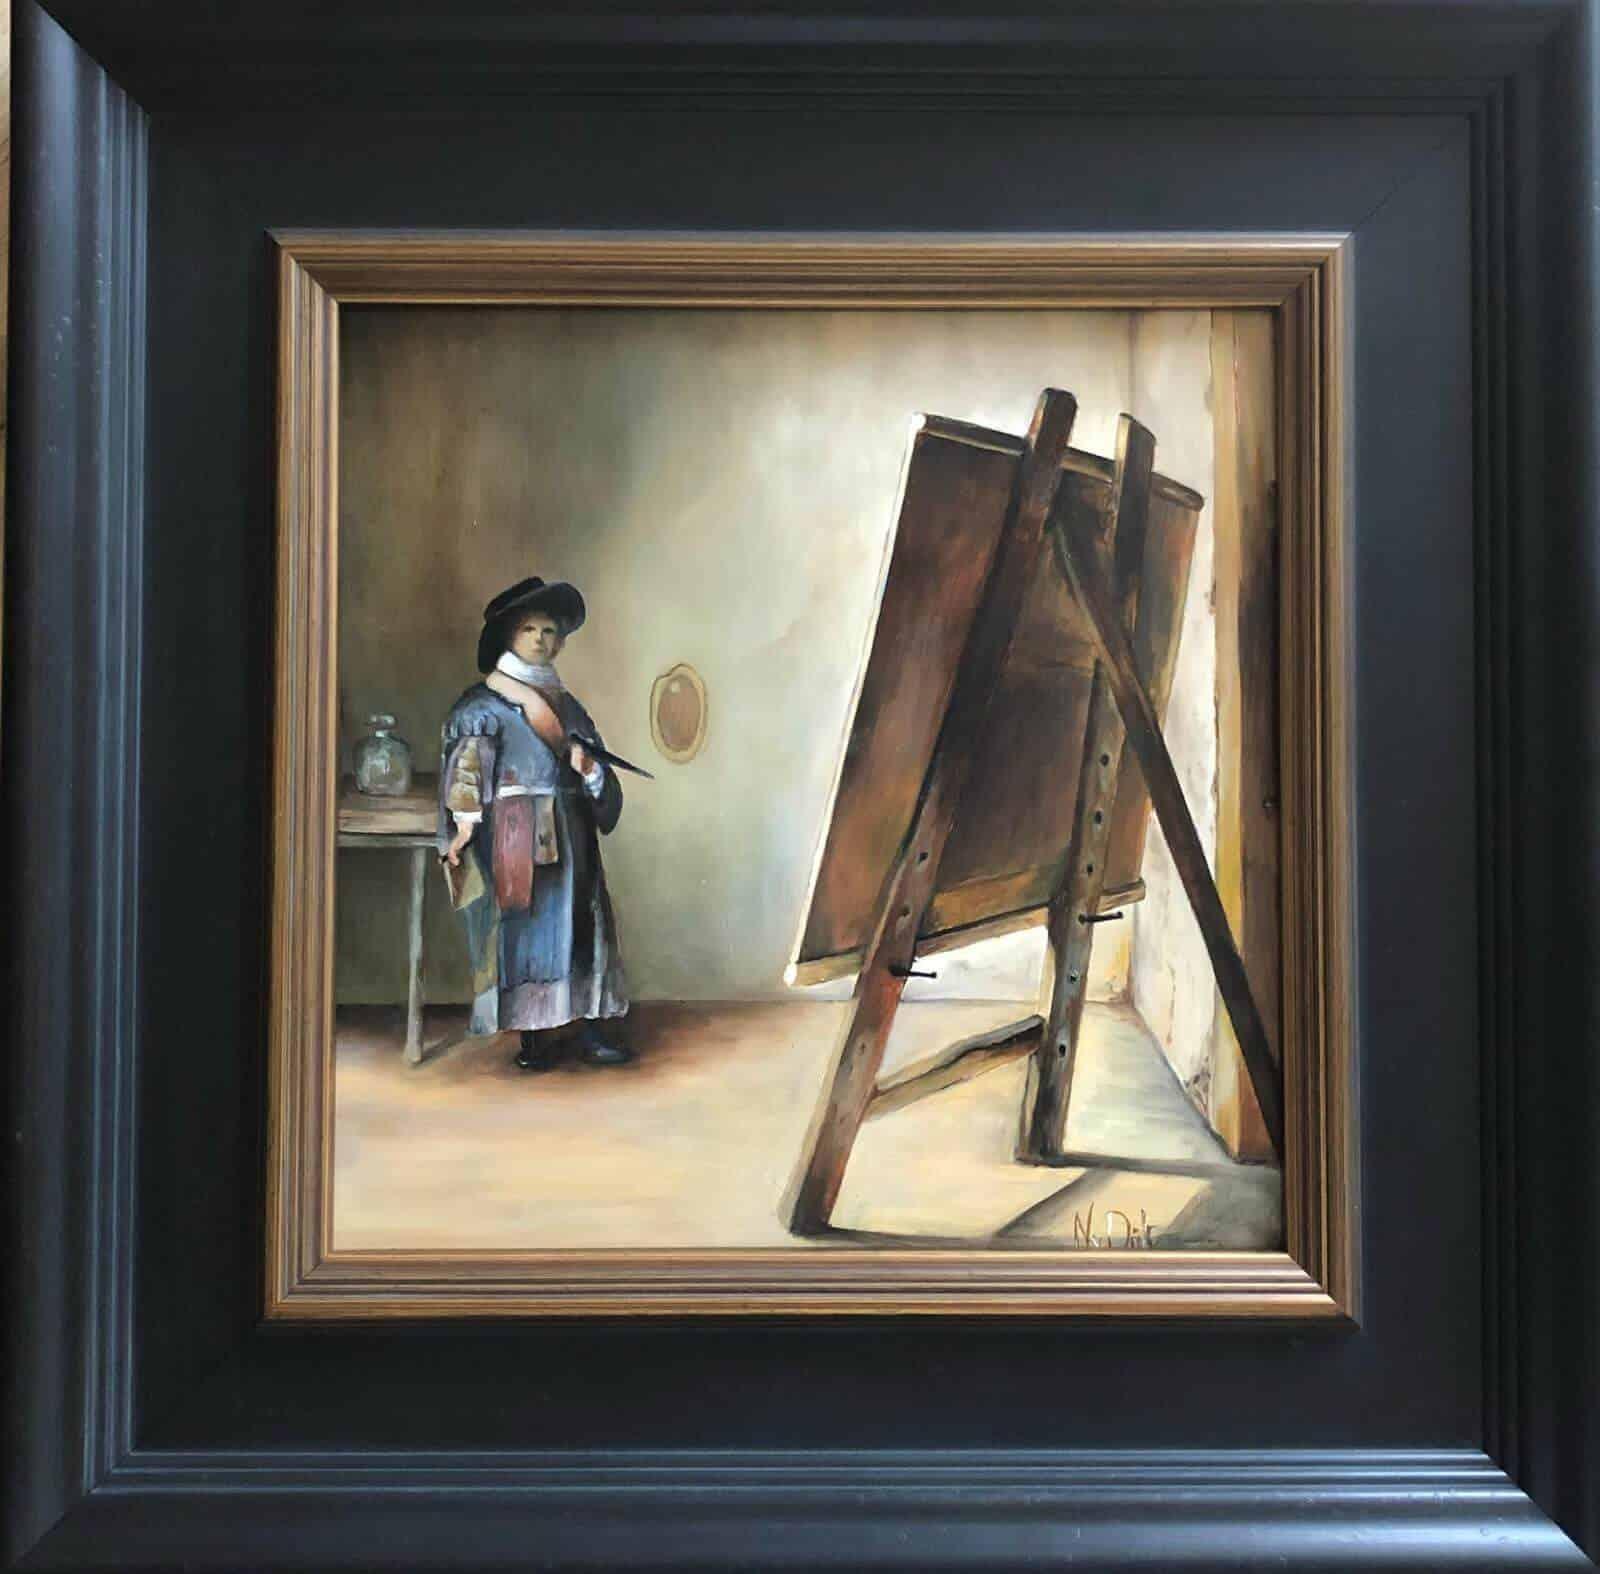 Schilderij olieverf - Kunstenaar aan het schilderen